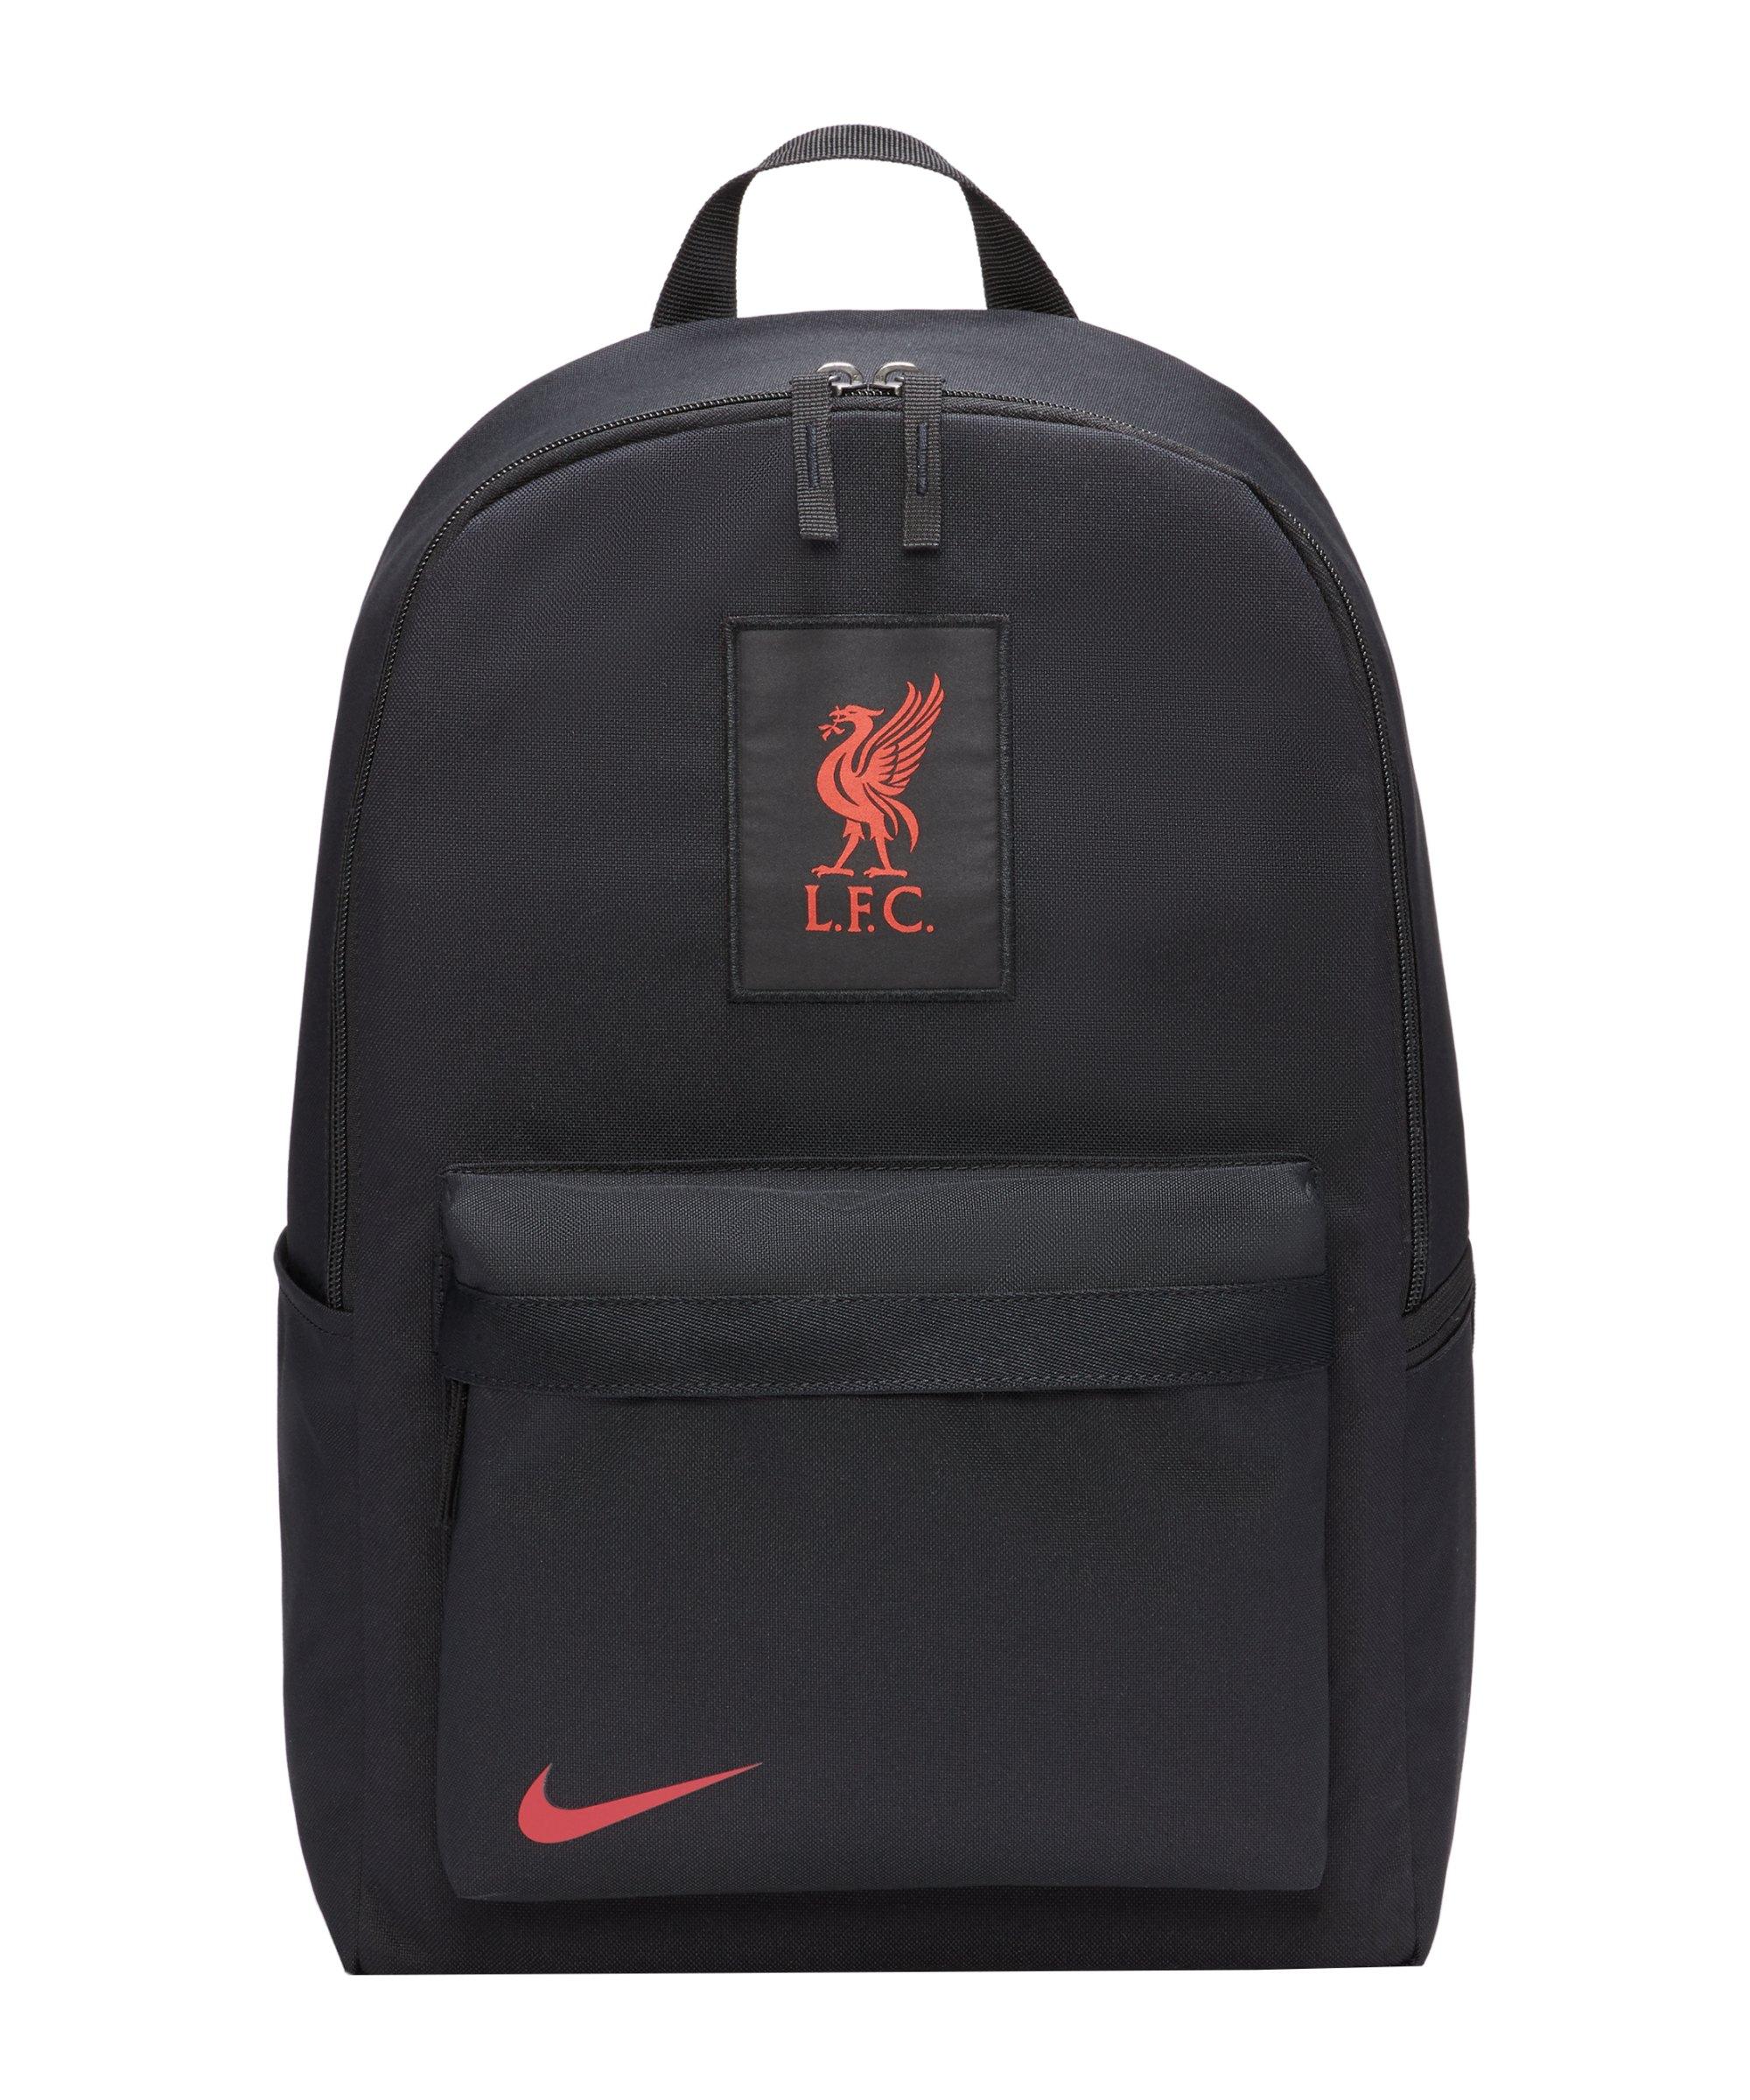 Nike FC Liverpool Rucksack Schwarz F010 - schwarz